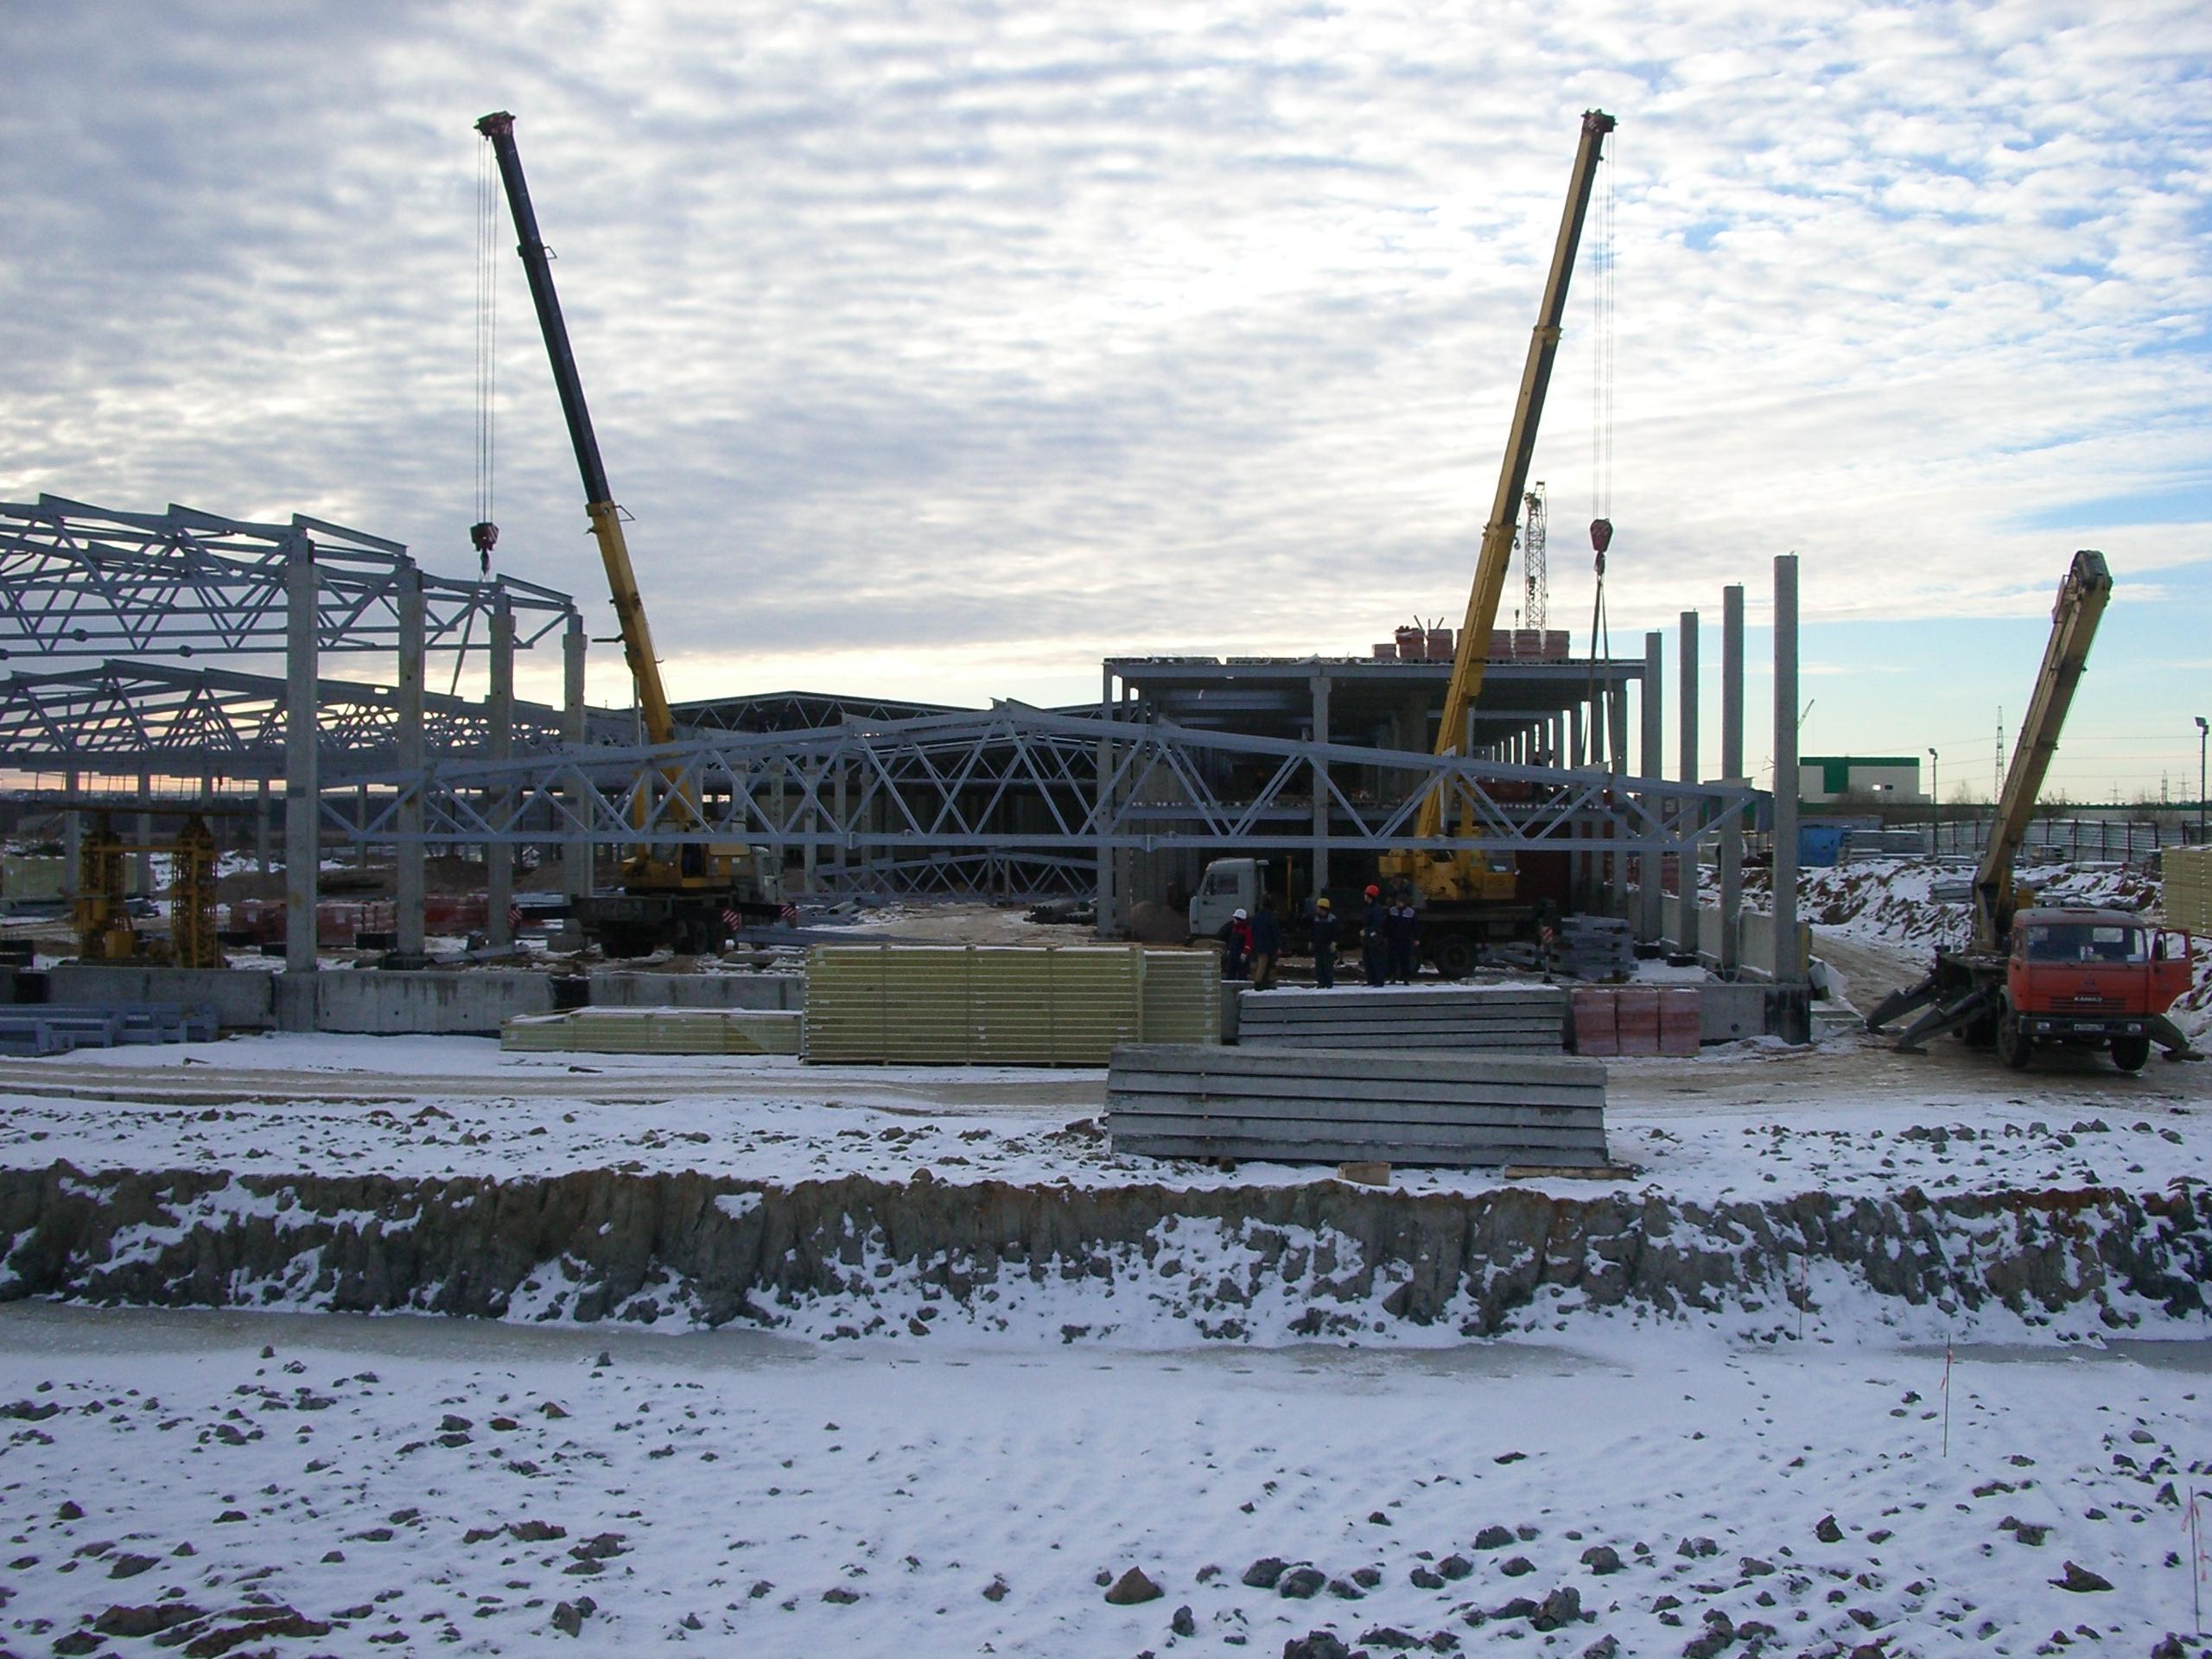 строительная компания севзапстальконструкция сзск